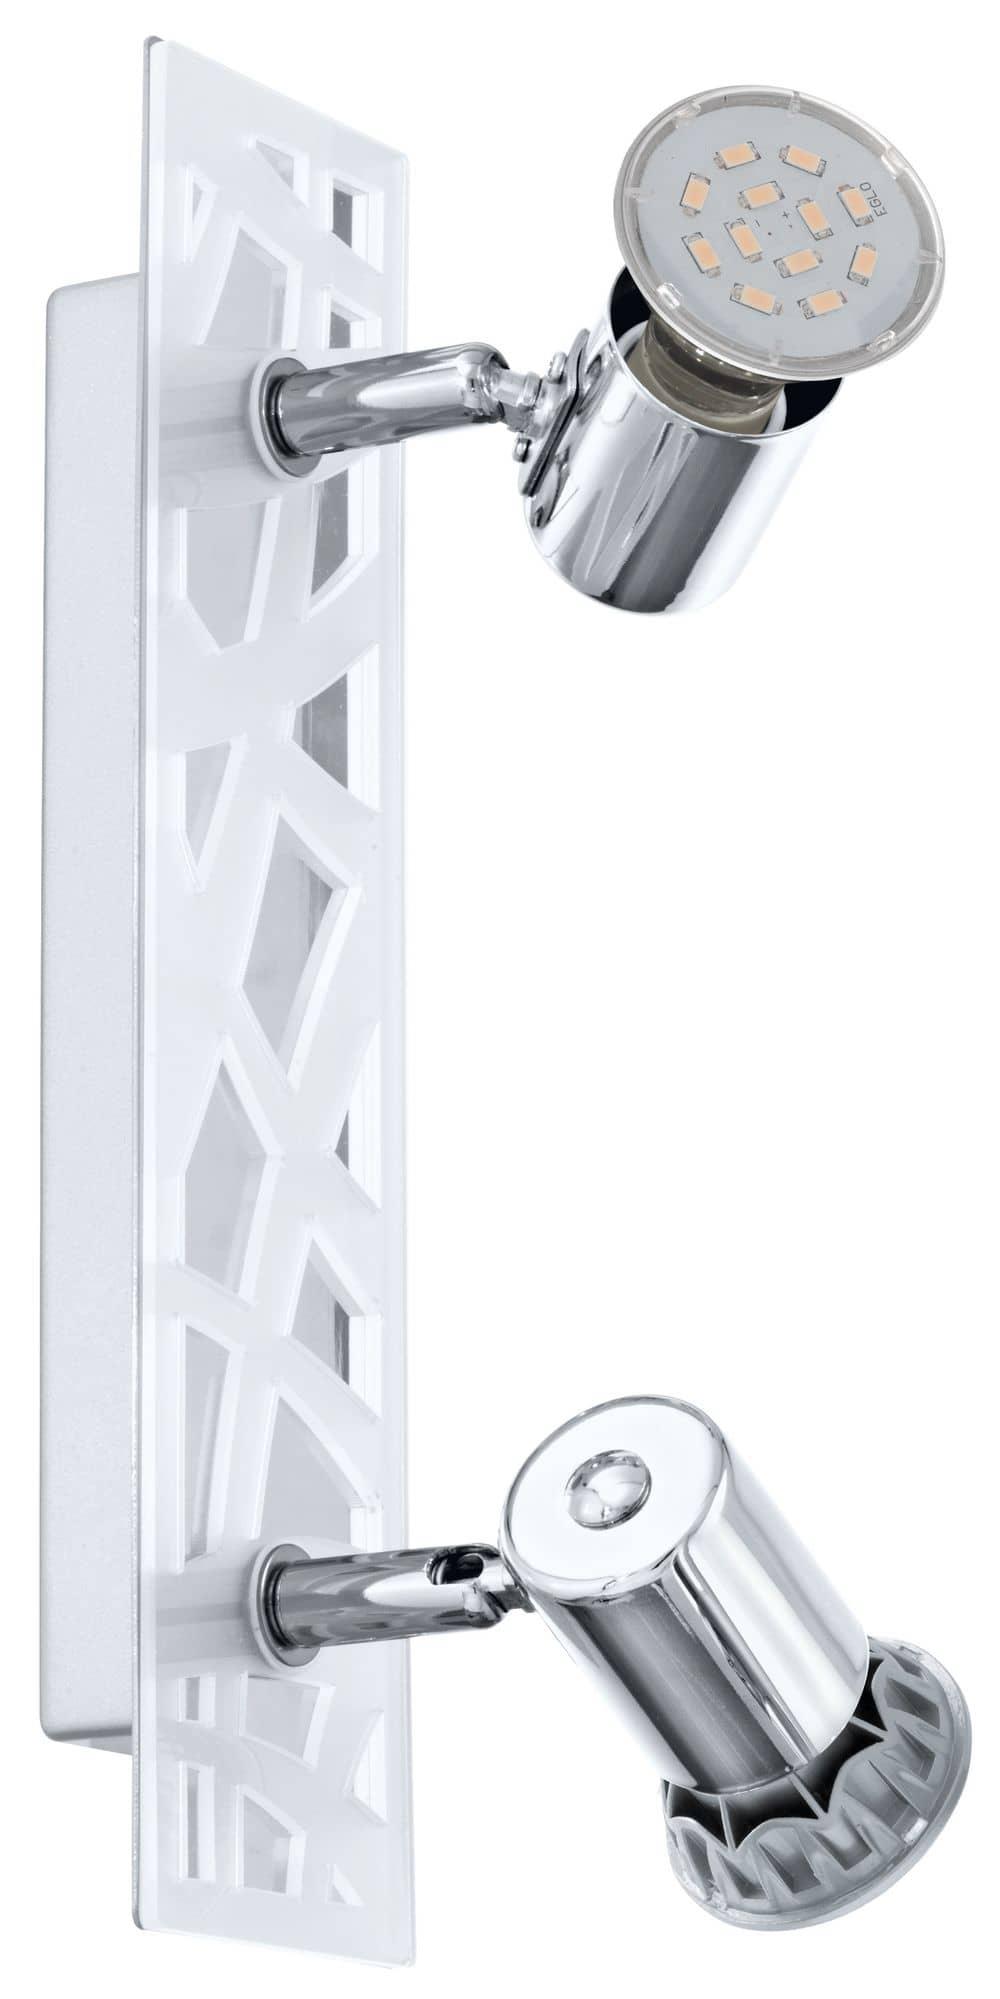 eglo 93176 daven 1 led spot 2x5w stahl kunststoff chrom satiniert. Black Bedroom Furniture Sets. Home Design Ideas